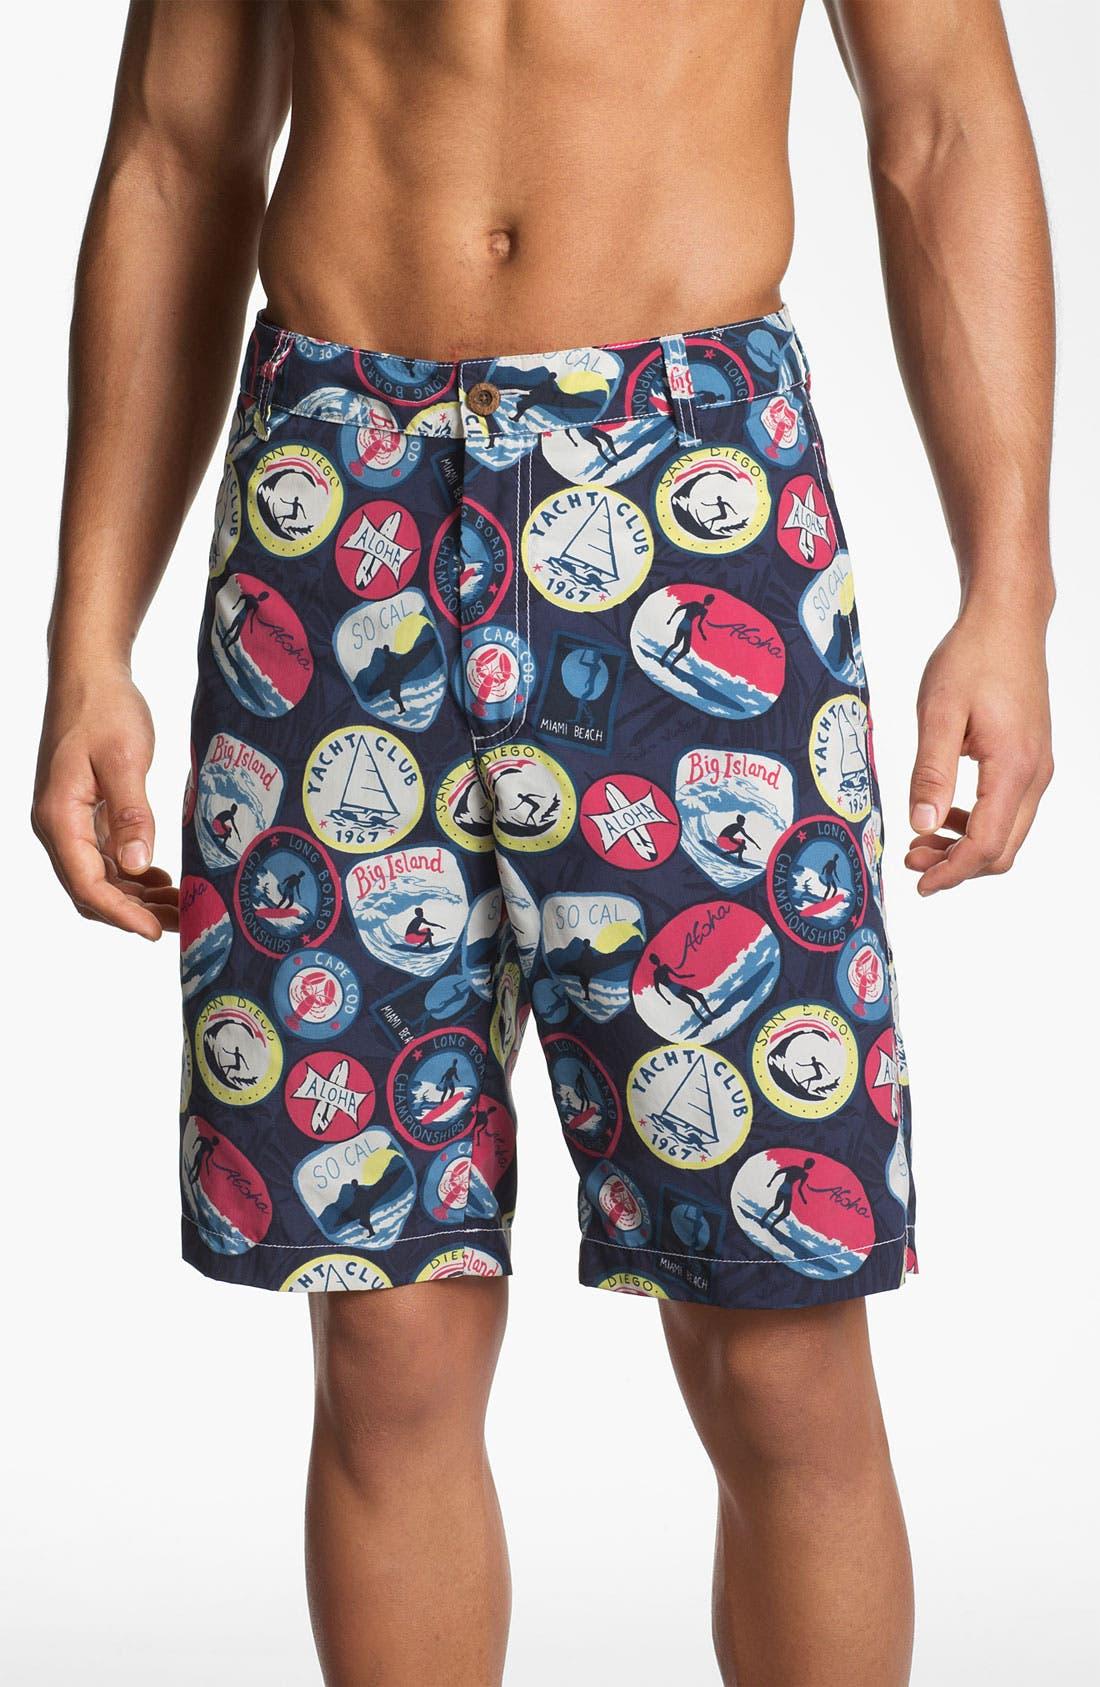 Alternate Image 1 Selected - Tailor Vintage Hybrid Board Shorts